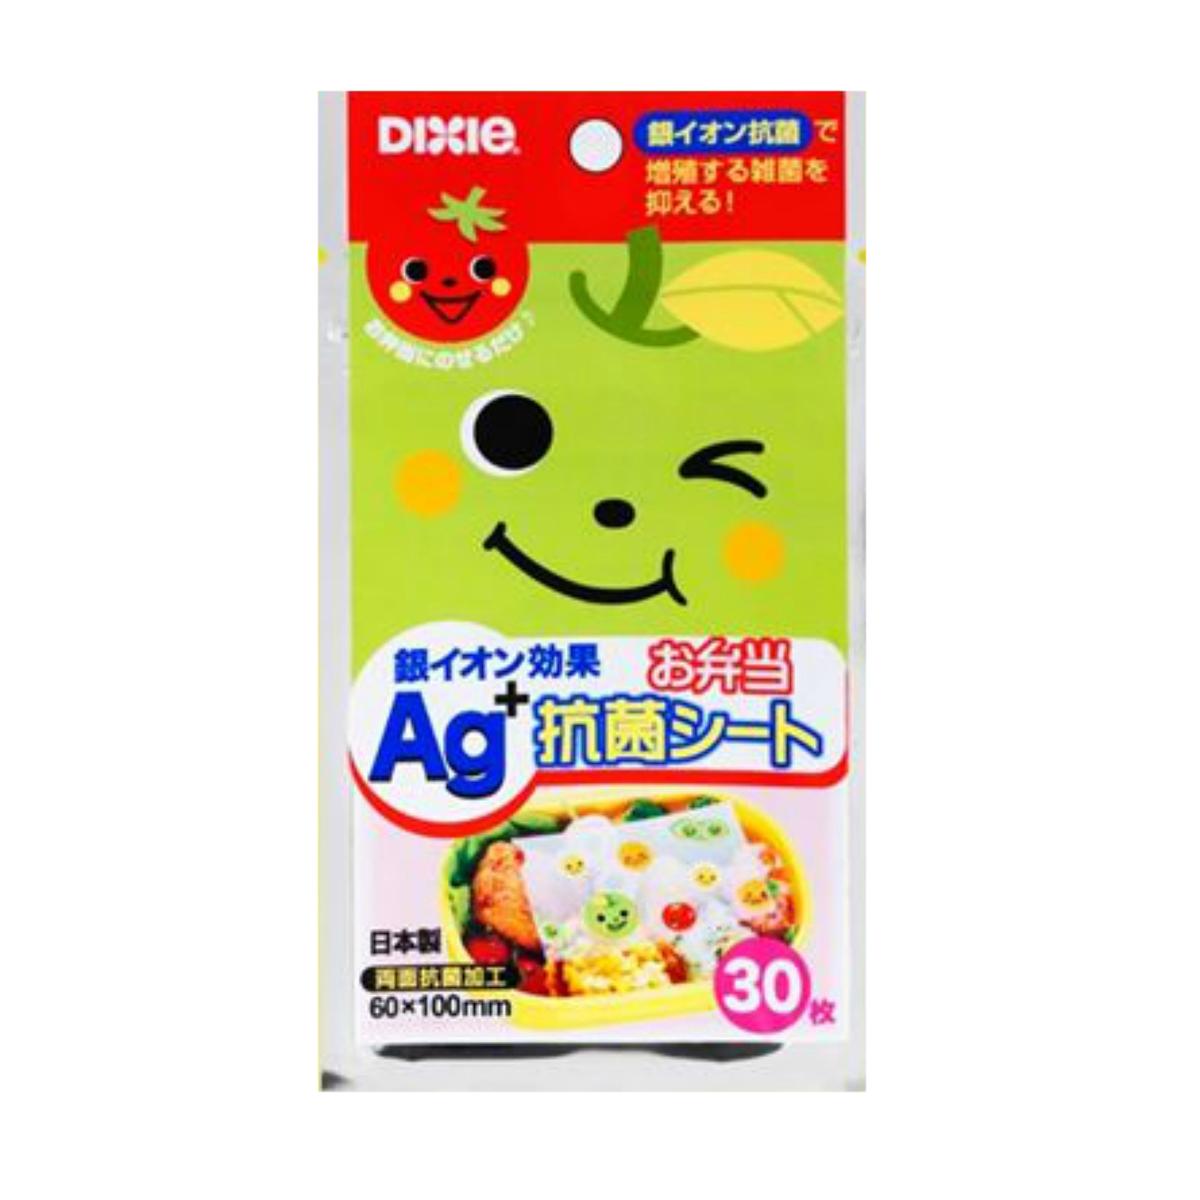 【200個で送料無料】日本デキシー 大好き抗菌お弁当シート ( 内容量: 30枚 ) ×200点セット ( 4902172602869 )